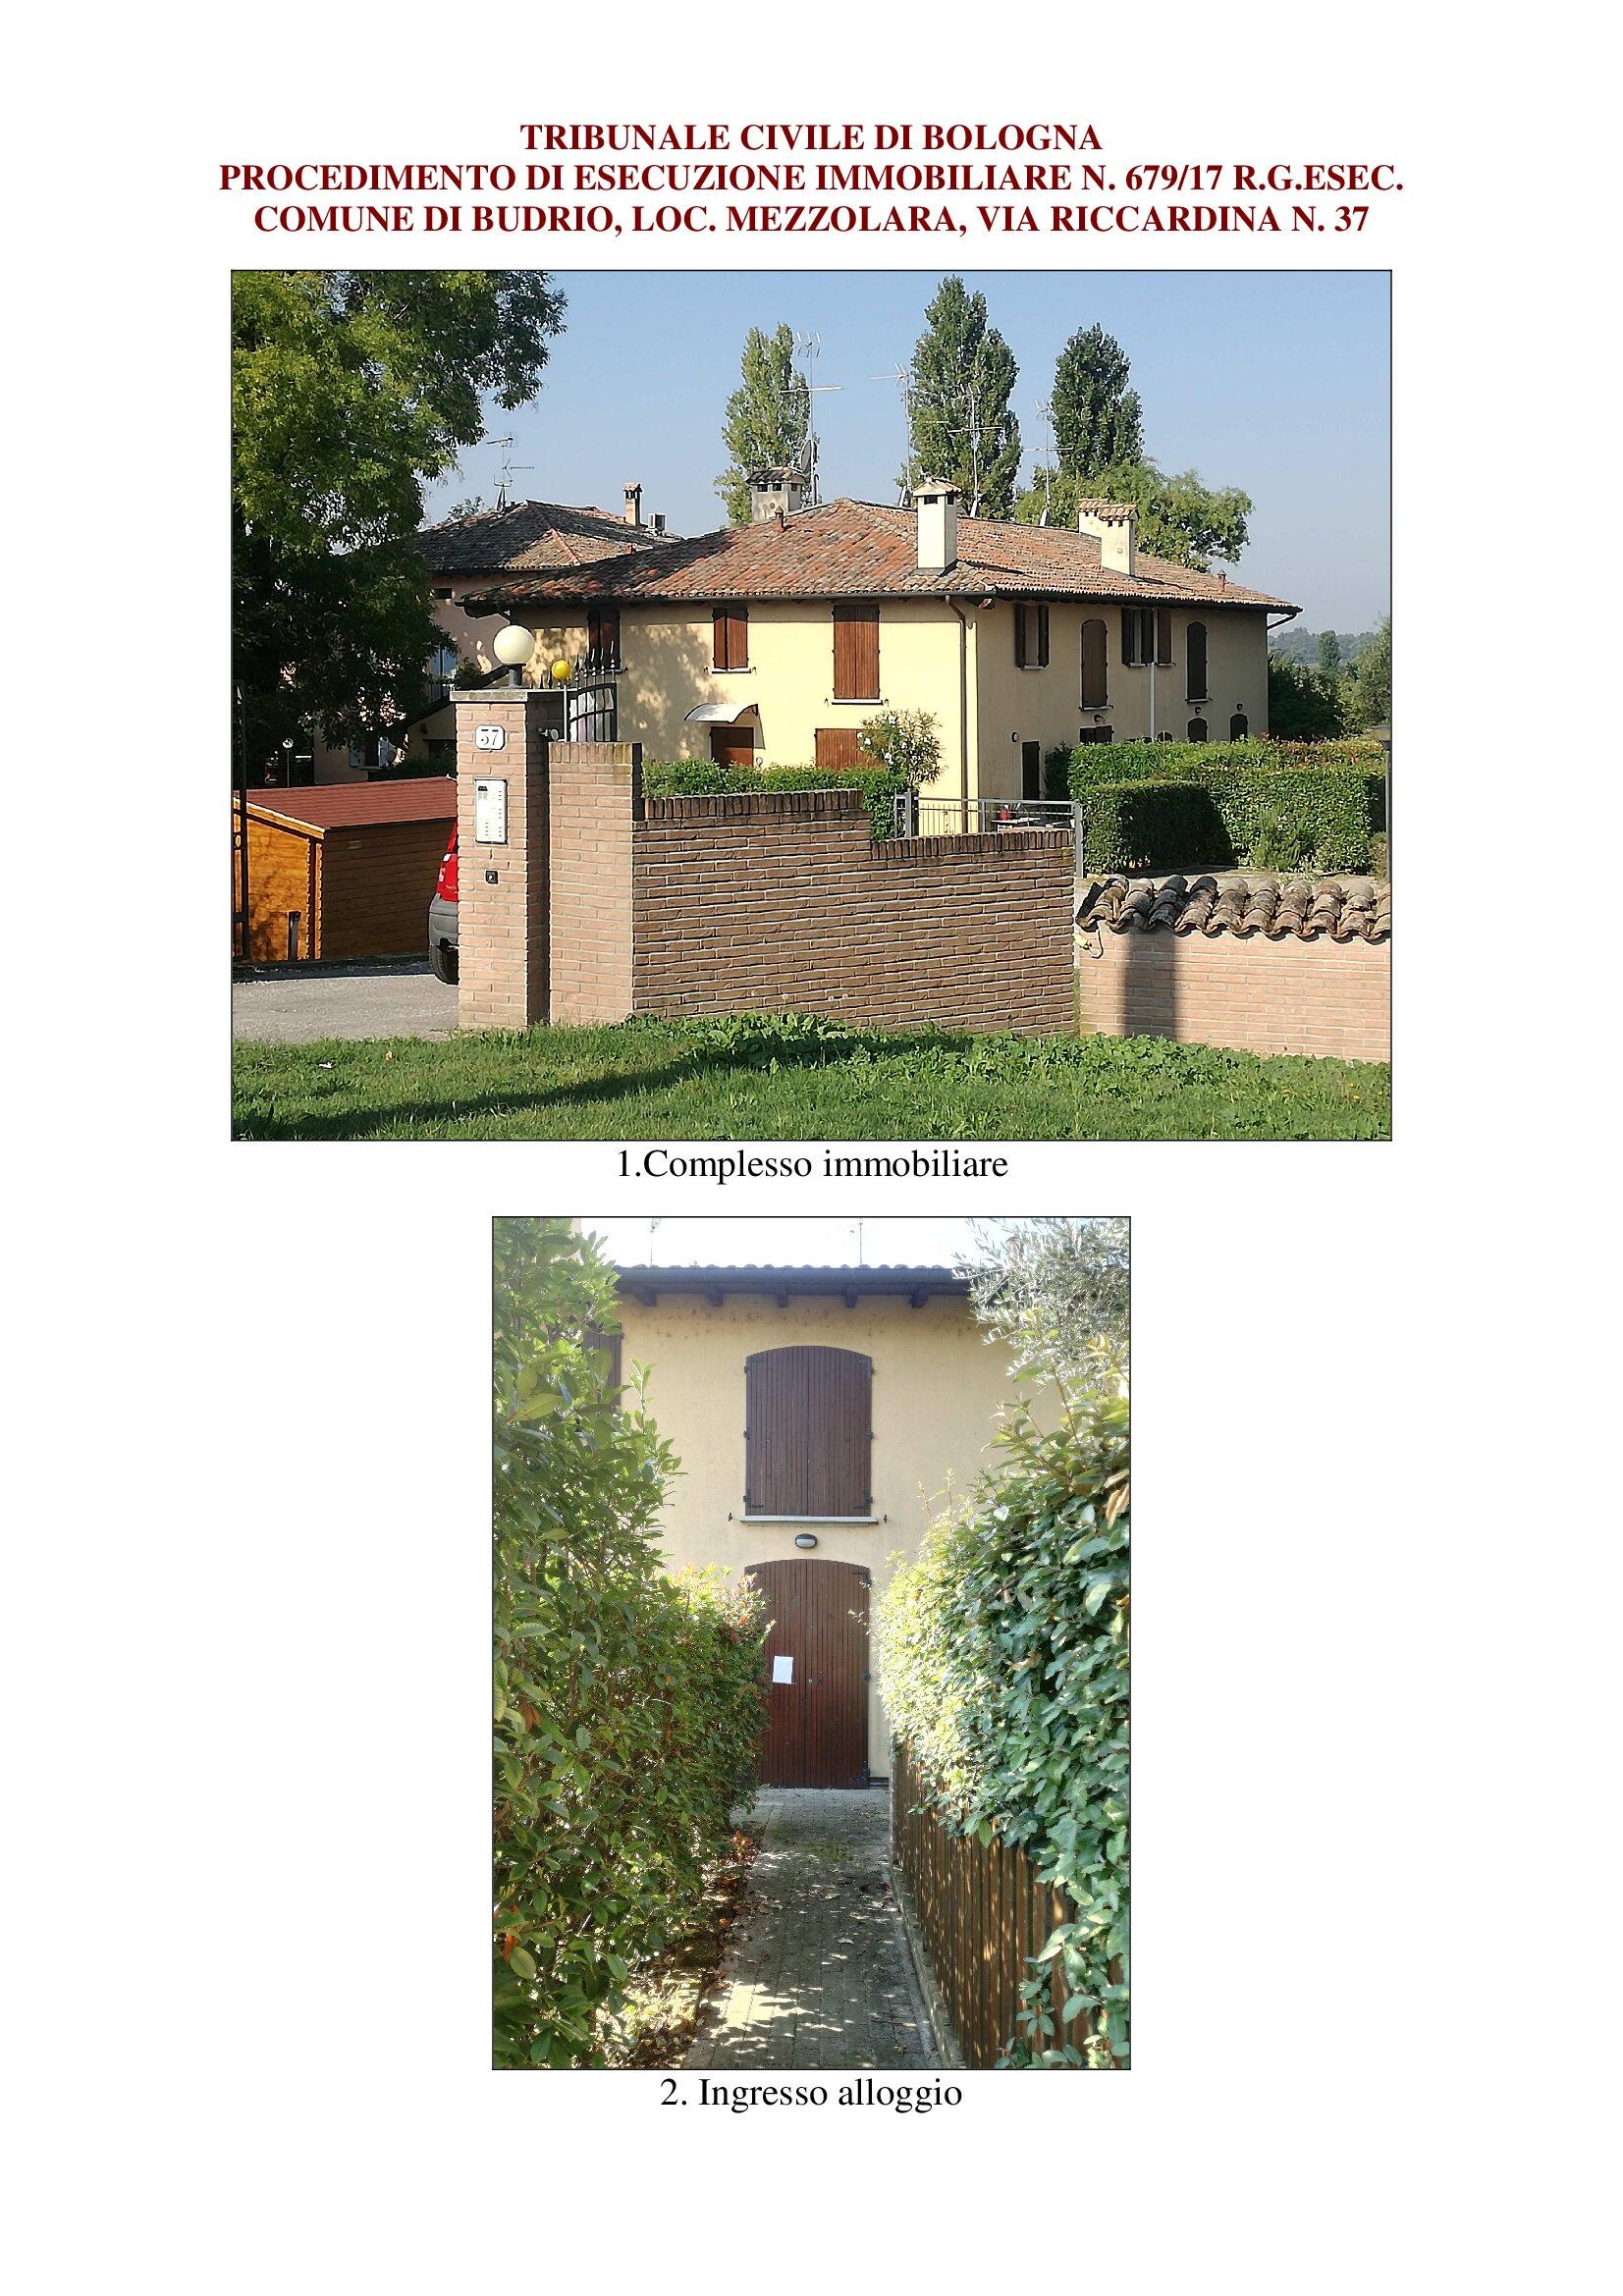 Appartamento trilocale in vendita a Budrio (BO)